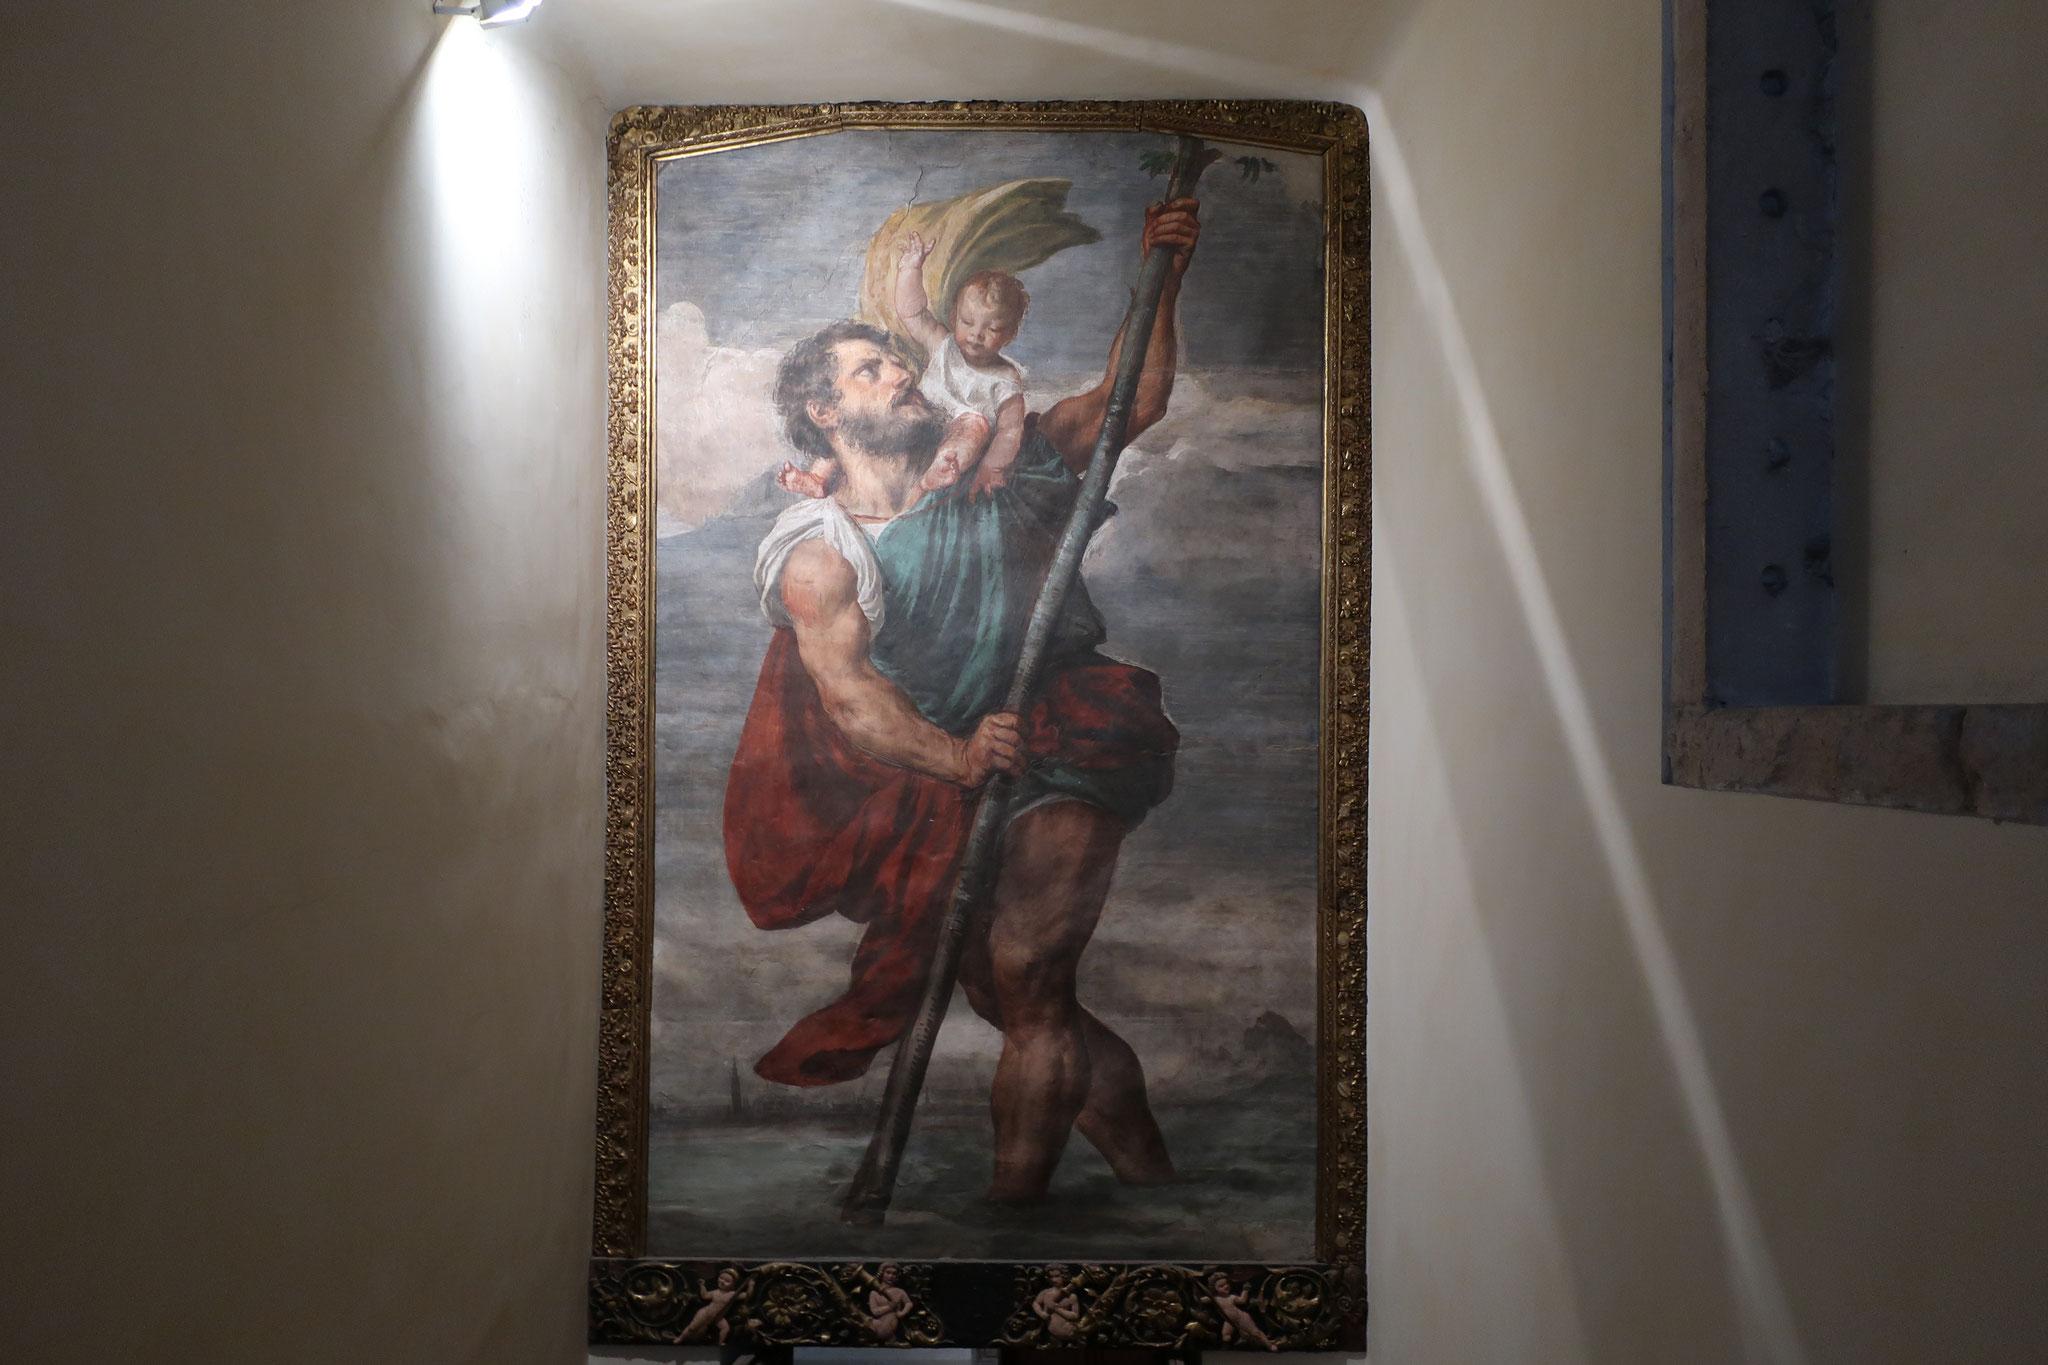 子供に化身したイエス・キリストを担いで川を渡る聖クリストフォーロ(「キリストを運ぶ」という意味)。ティツィアーノのフレスコ画。